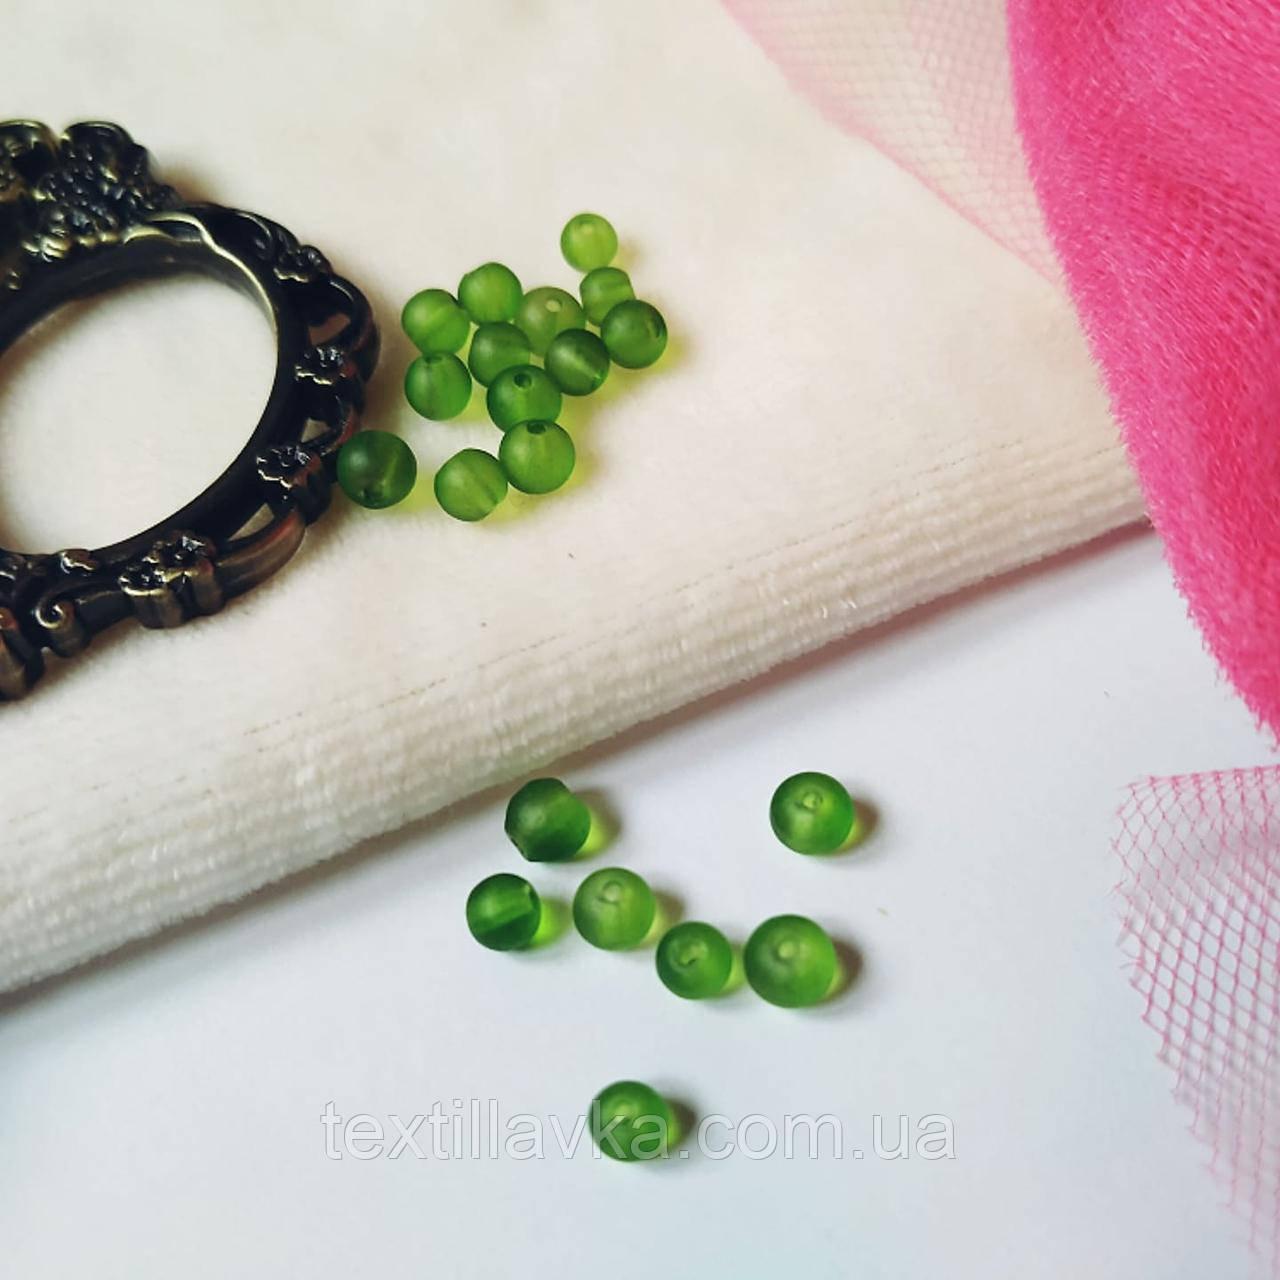 Бусины матовое стекло зеленые